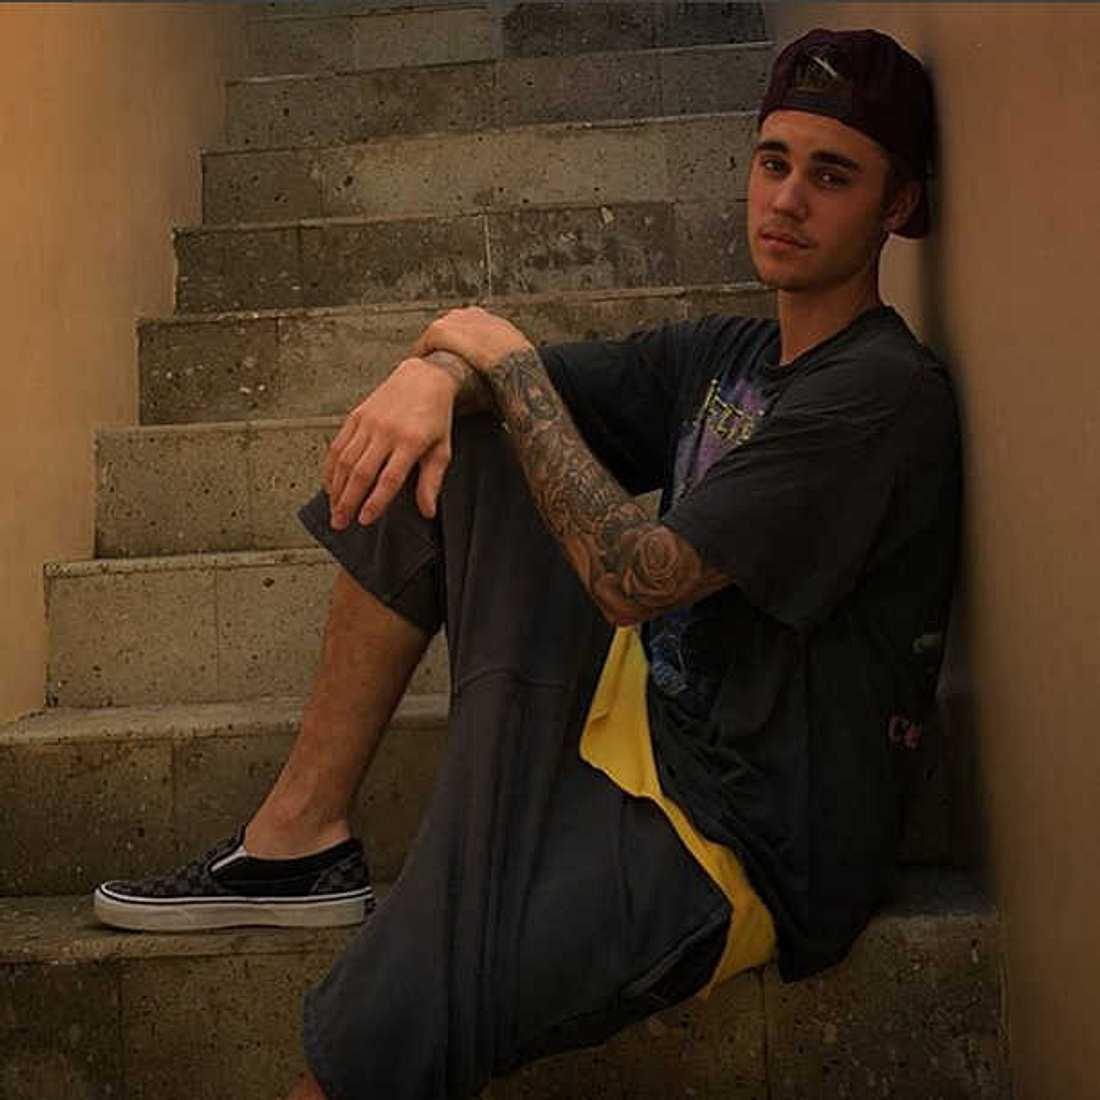 Justin Bieber Rauchen